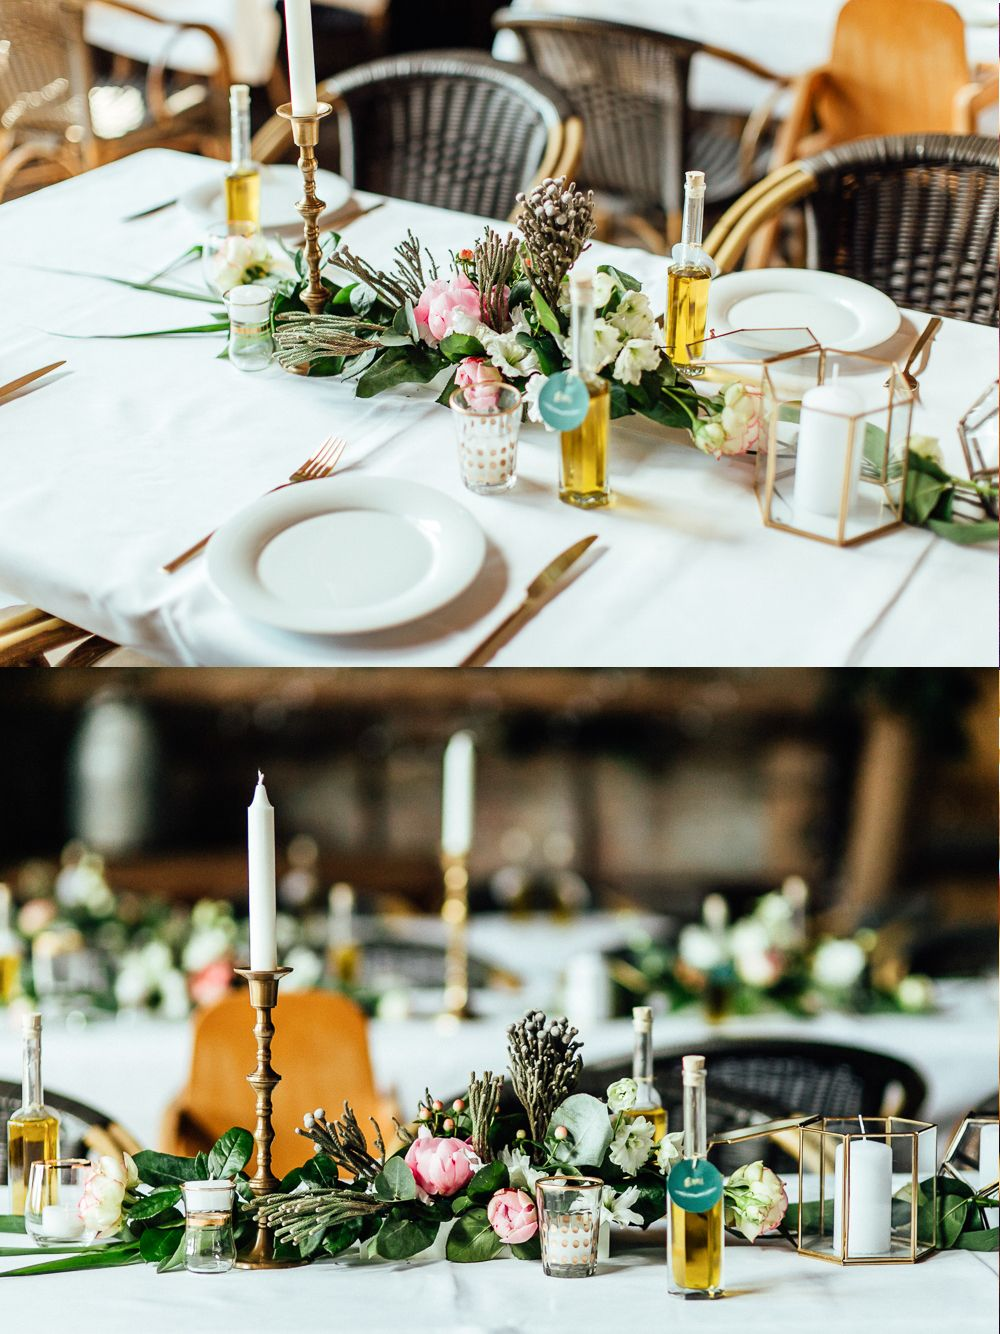 Unsere goldene hochzeitsdeko in der scheune hochzeit tischdeko hochzeit scheunen hochzeit - Tischdeko brautpaar ...